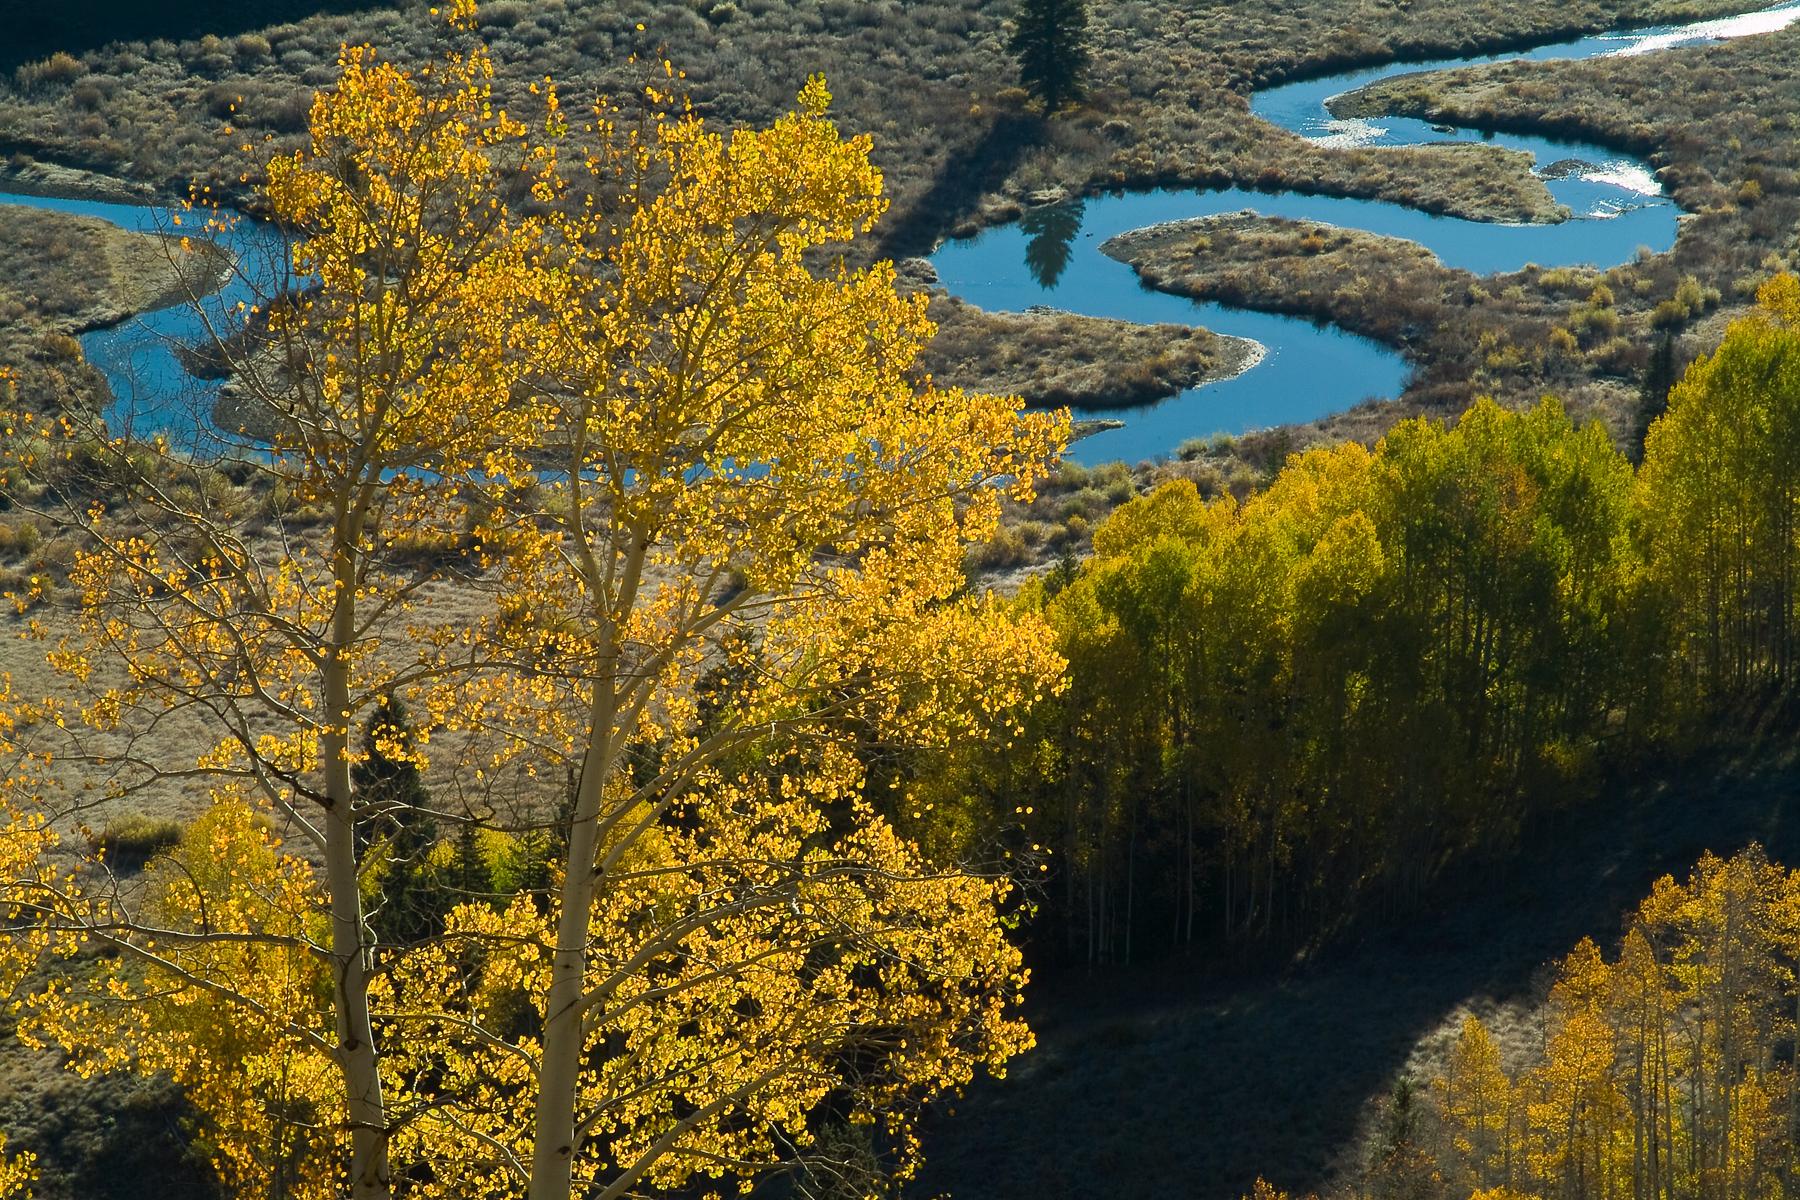 East Creek Meander